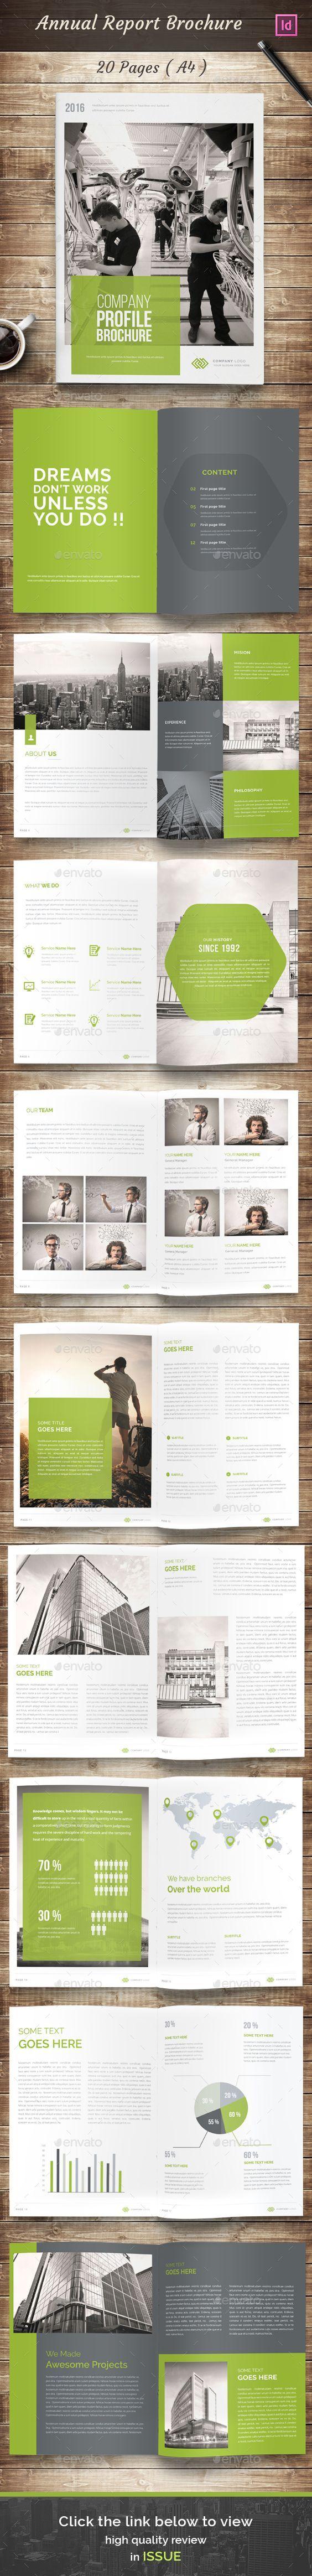 1171 best brochure design images on pinterest